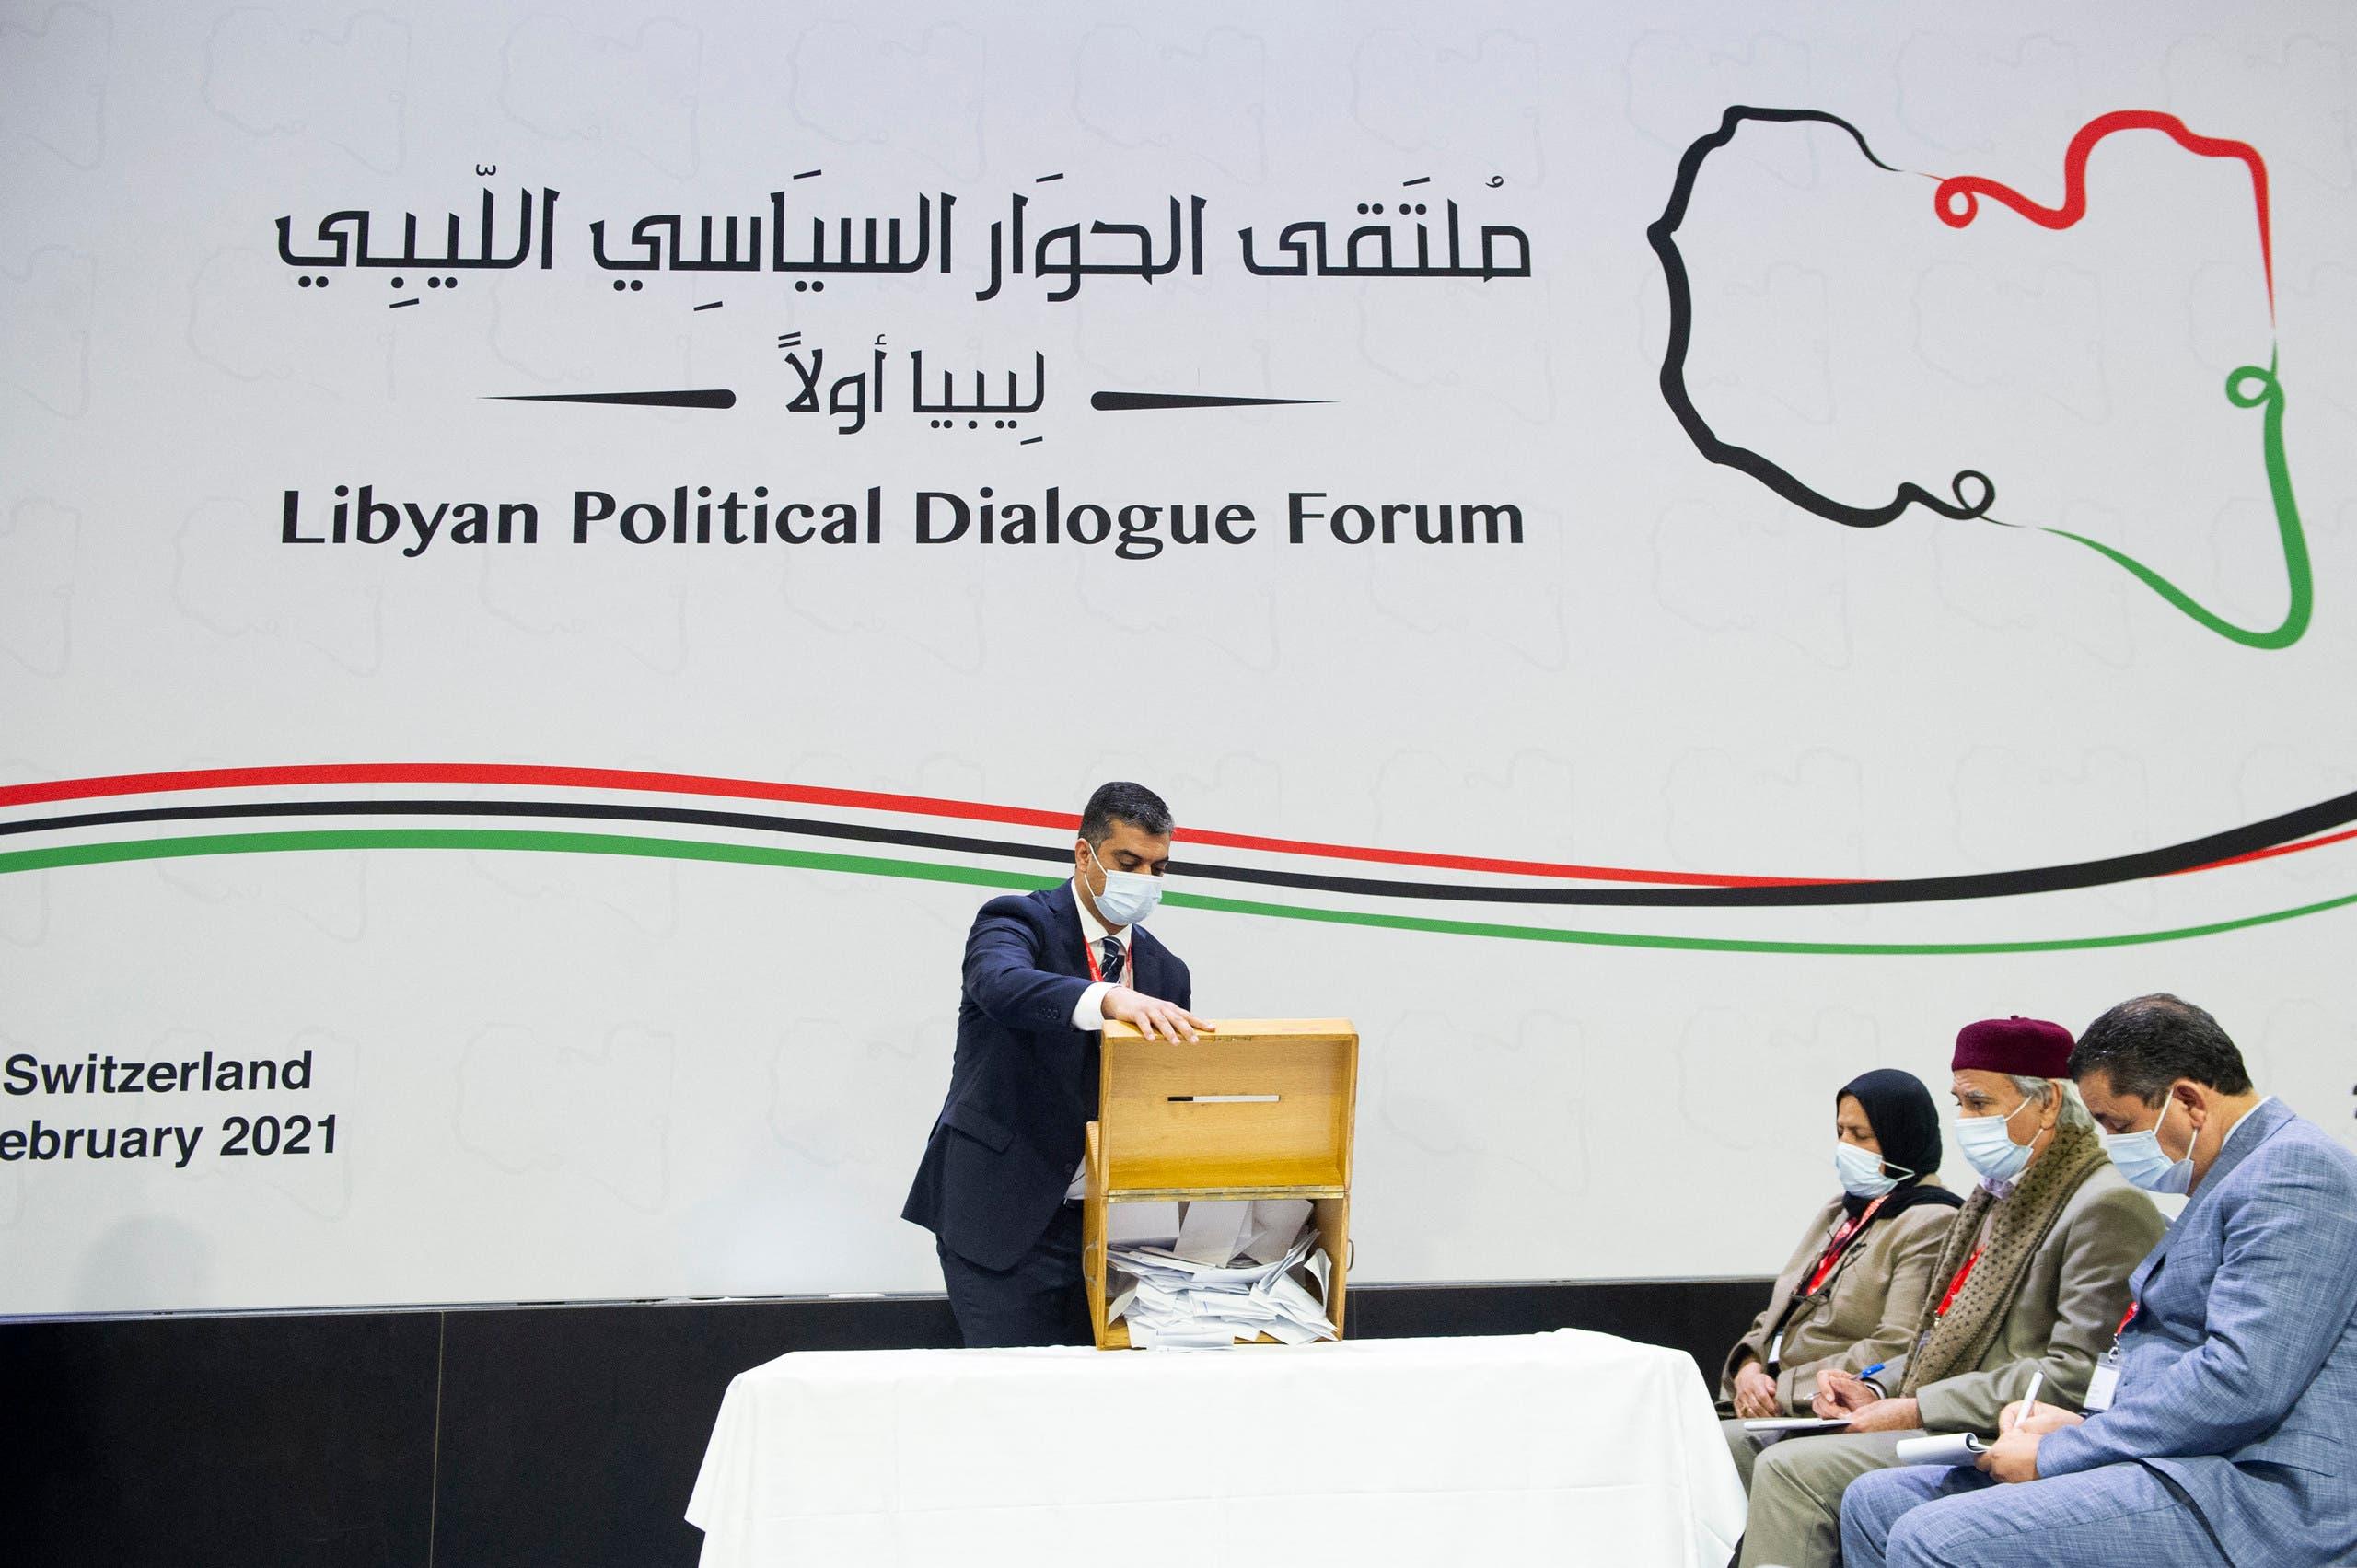 من منتدى الحوار السياسي الليبي بالقرب من جنيف يوم 5 فبراير 2021